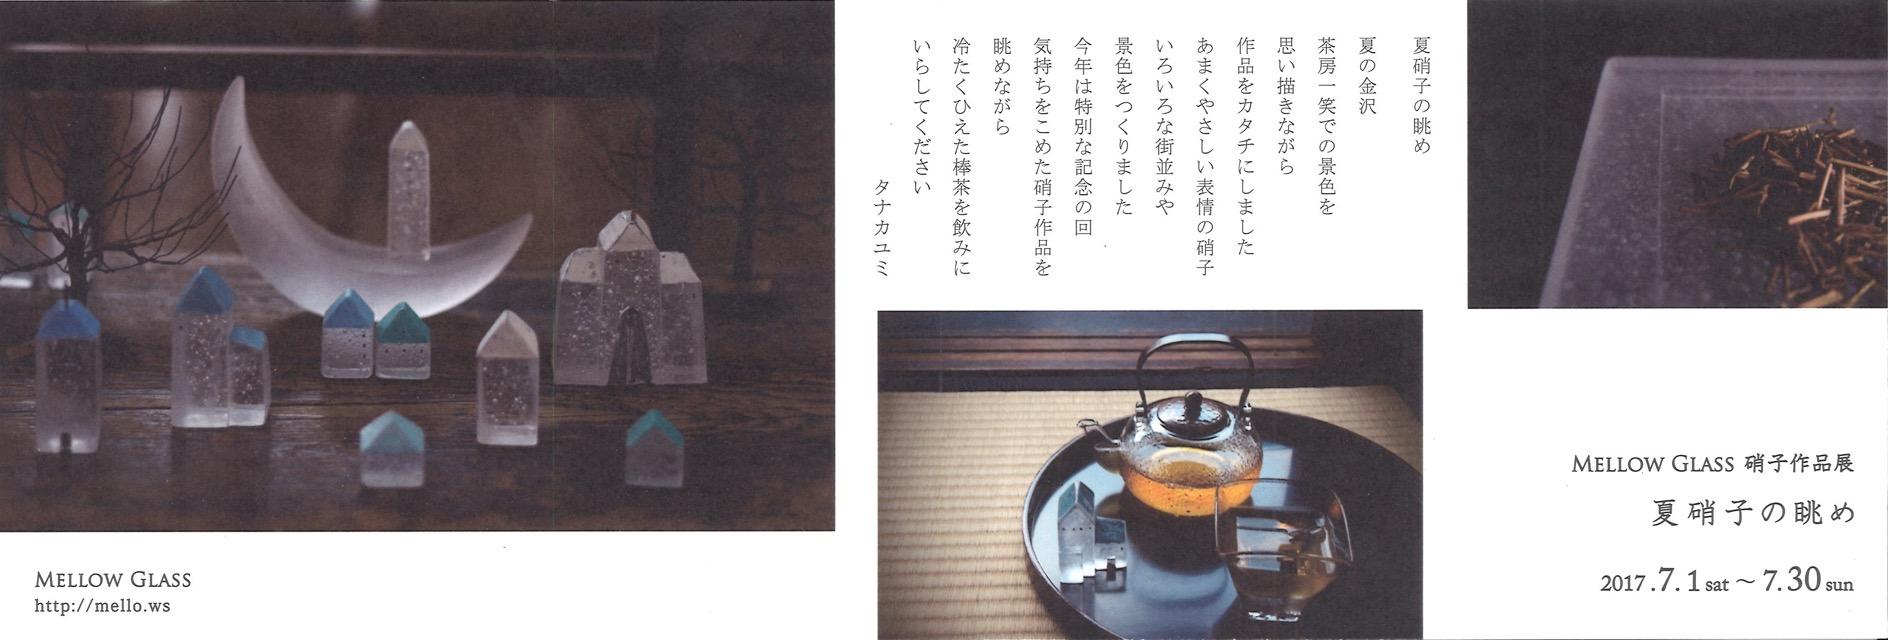 タナカ ユミ MELLOW GLASS 硝子作品展    夏硝子の眺め